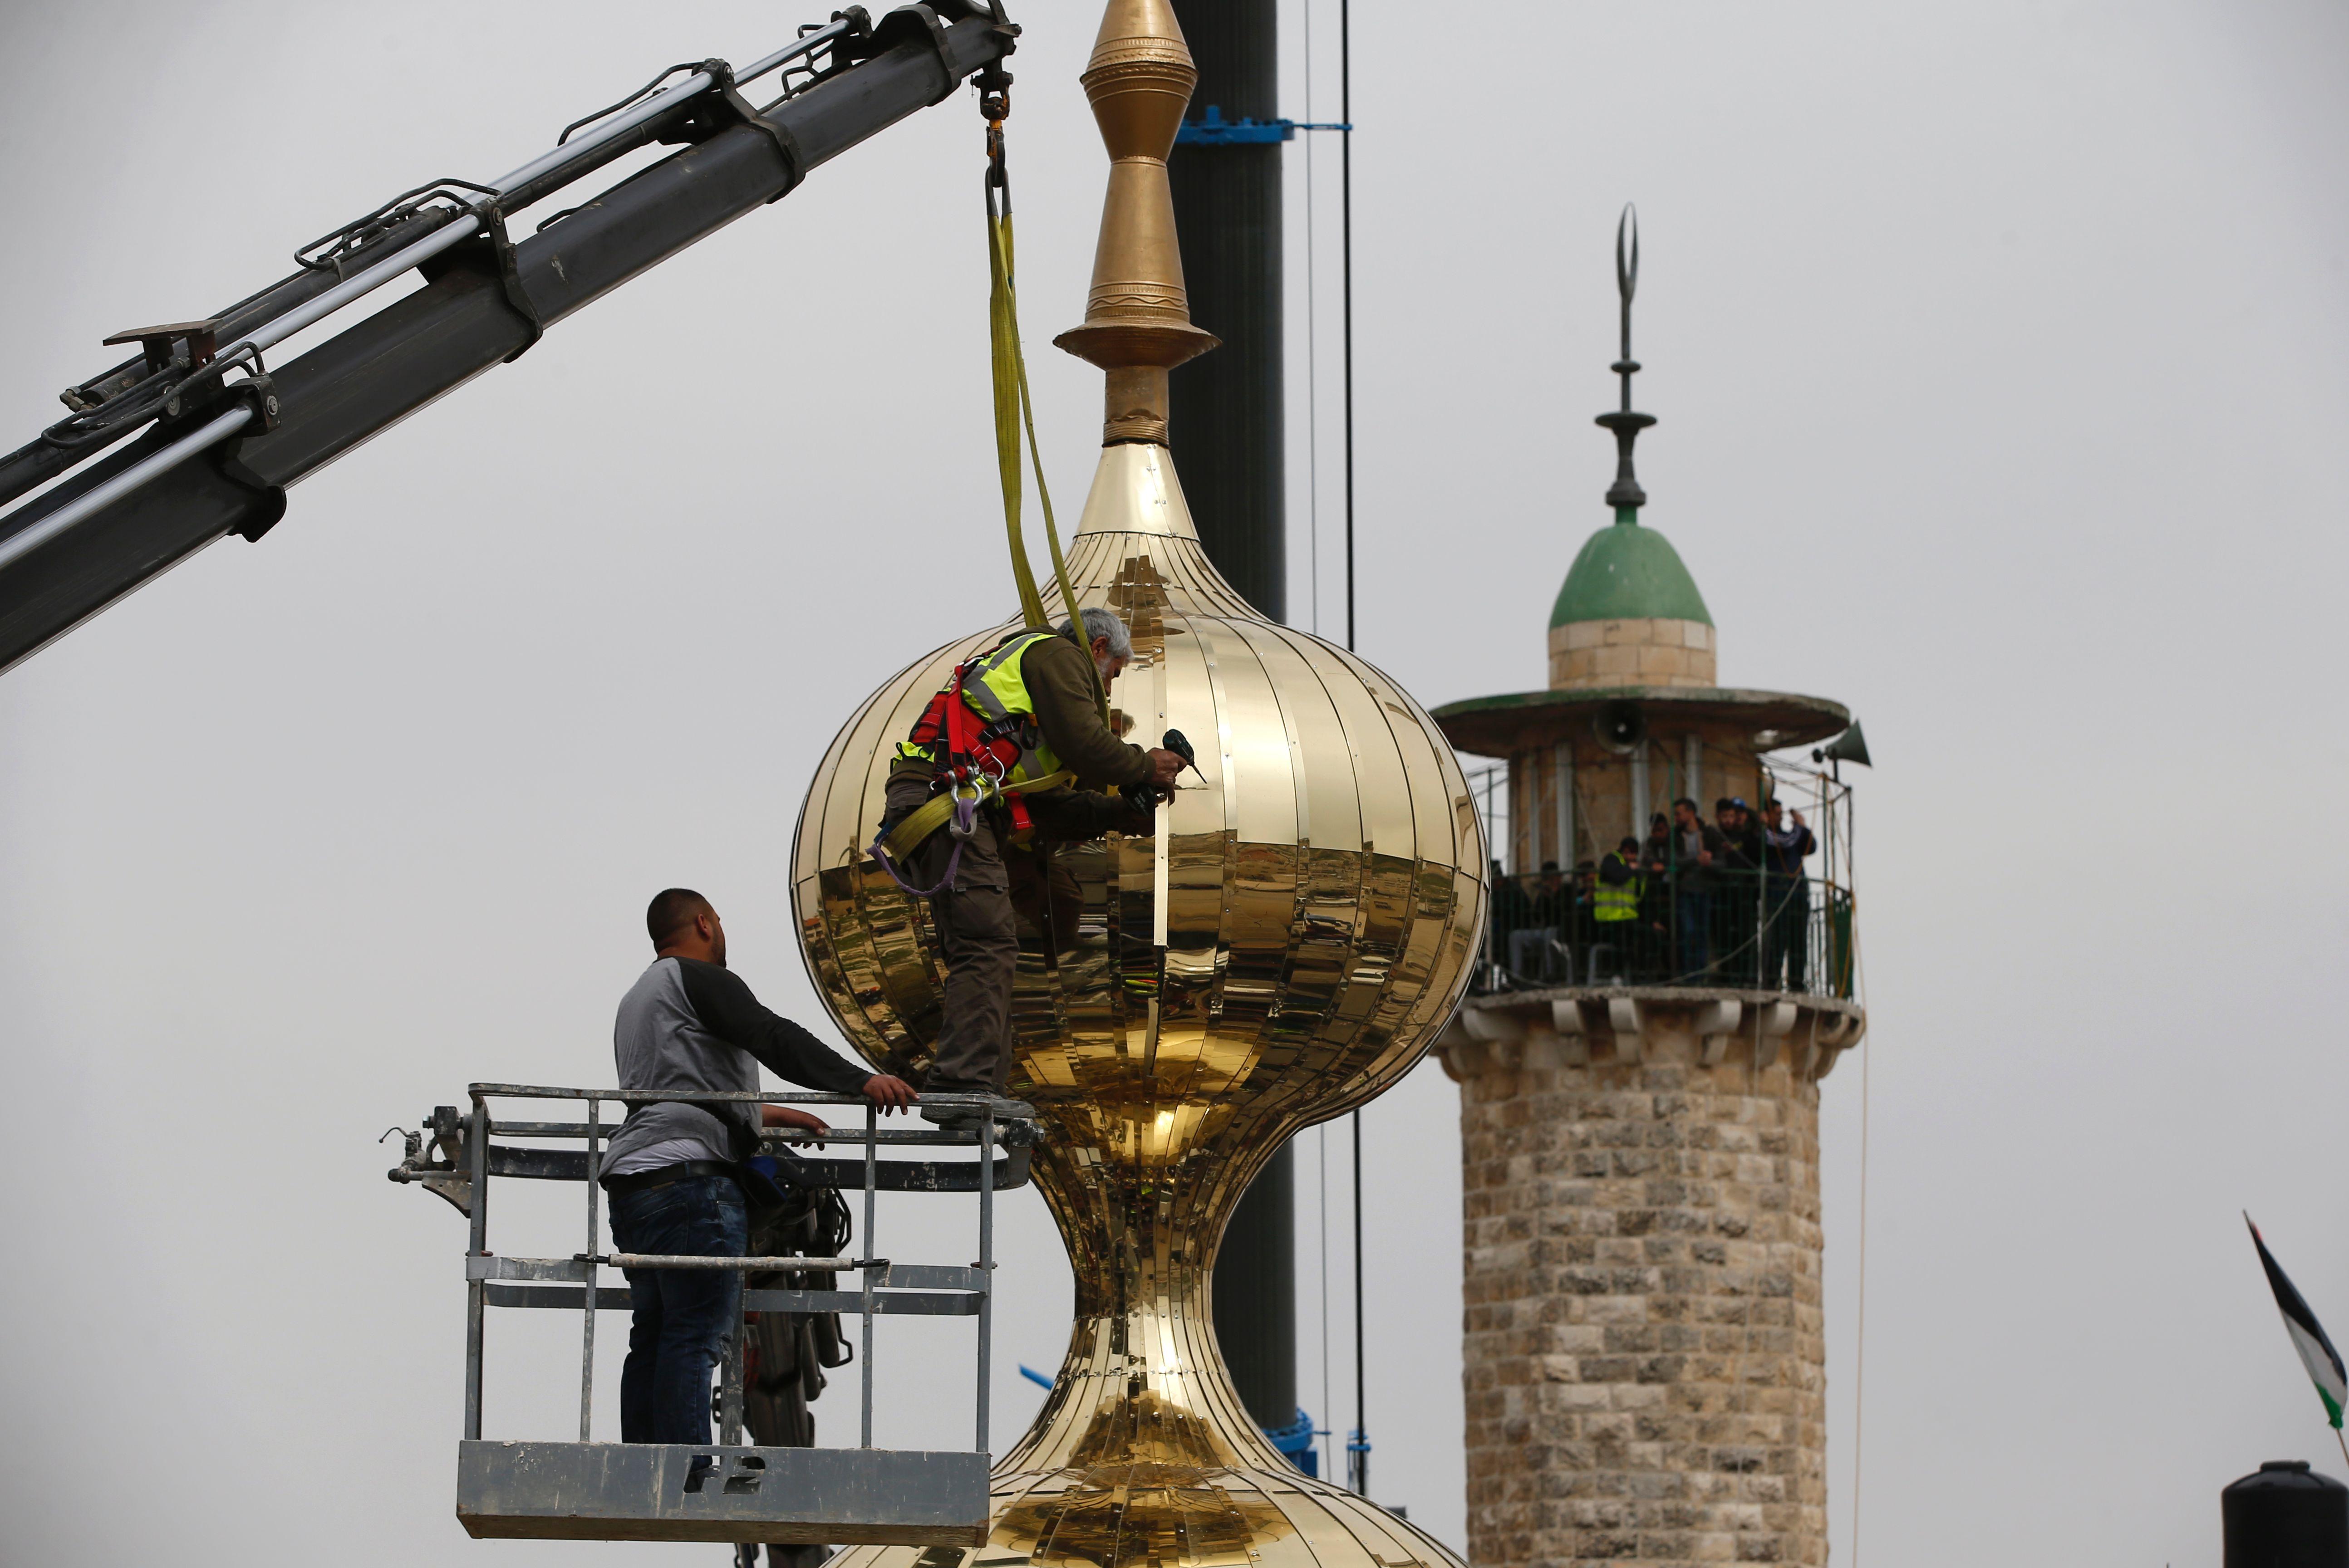 الفلسطينيون يرفعون الهلال للمئذنة لتثبيته